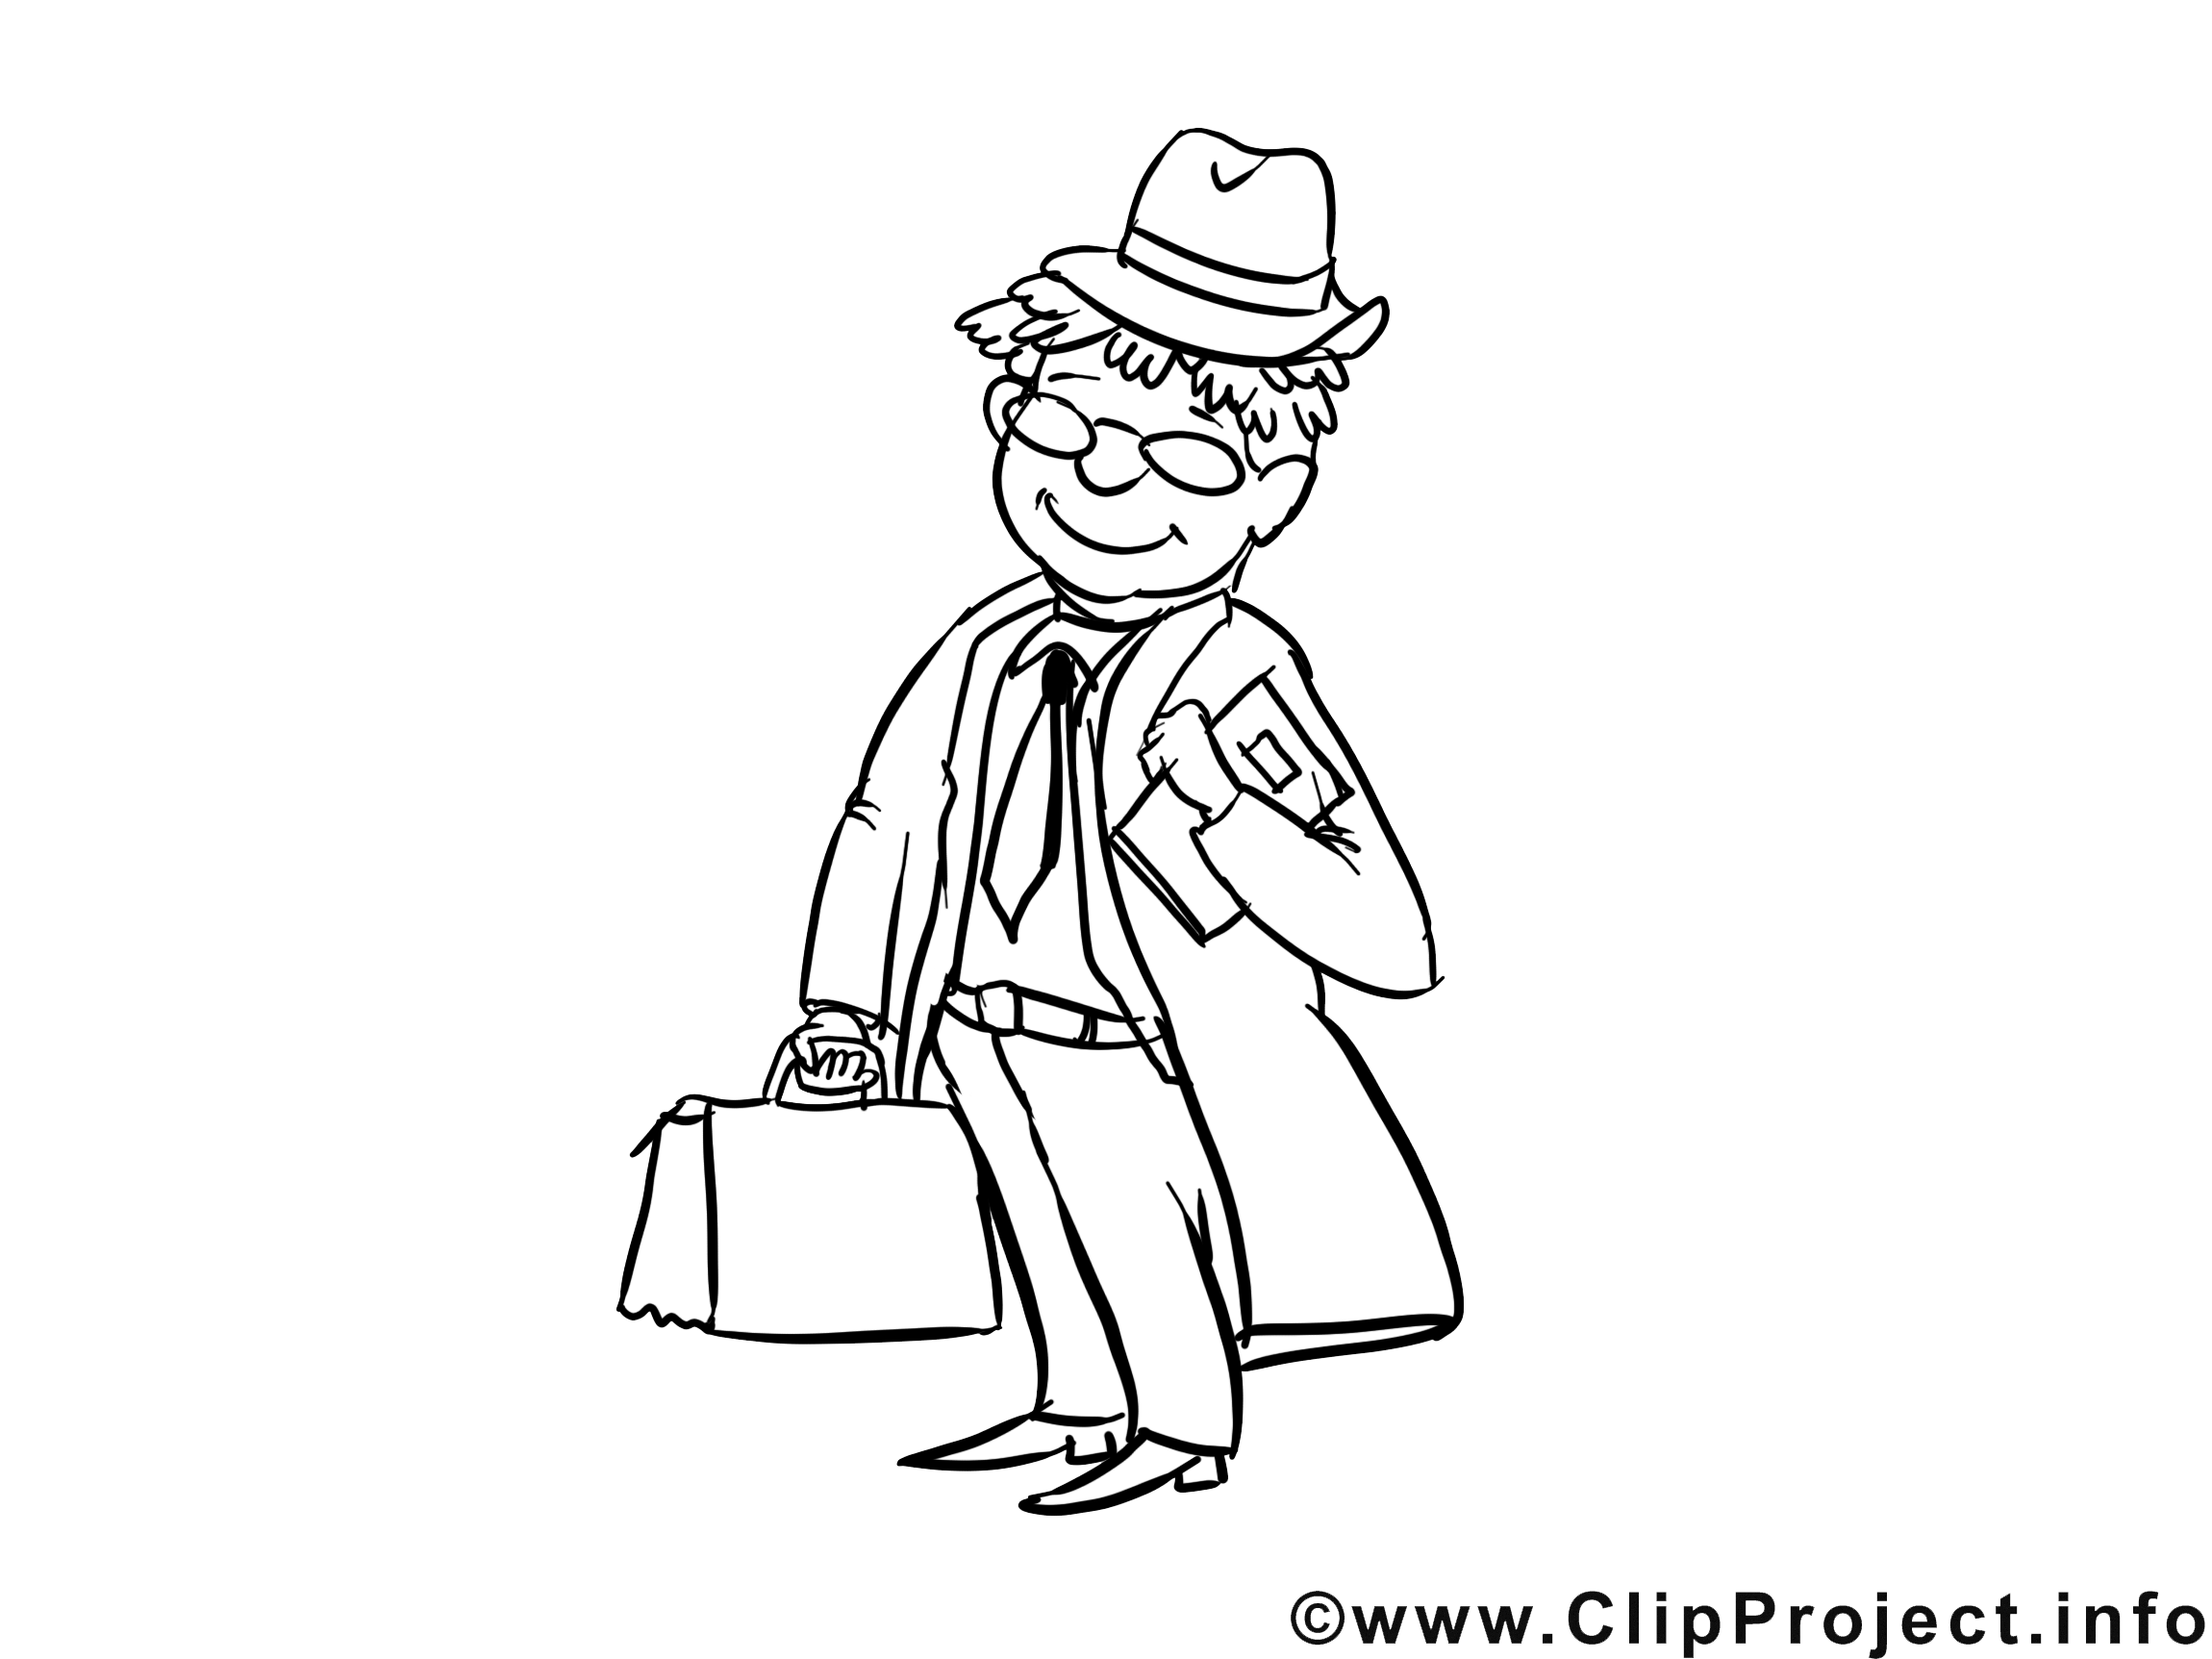 Commis voyageur dessin – Métiers gratuits à imprimer